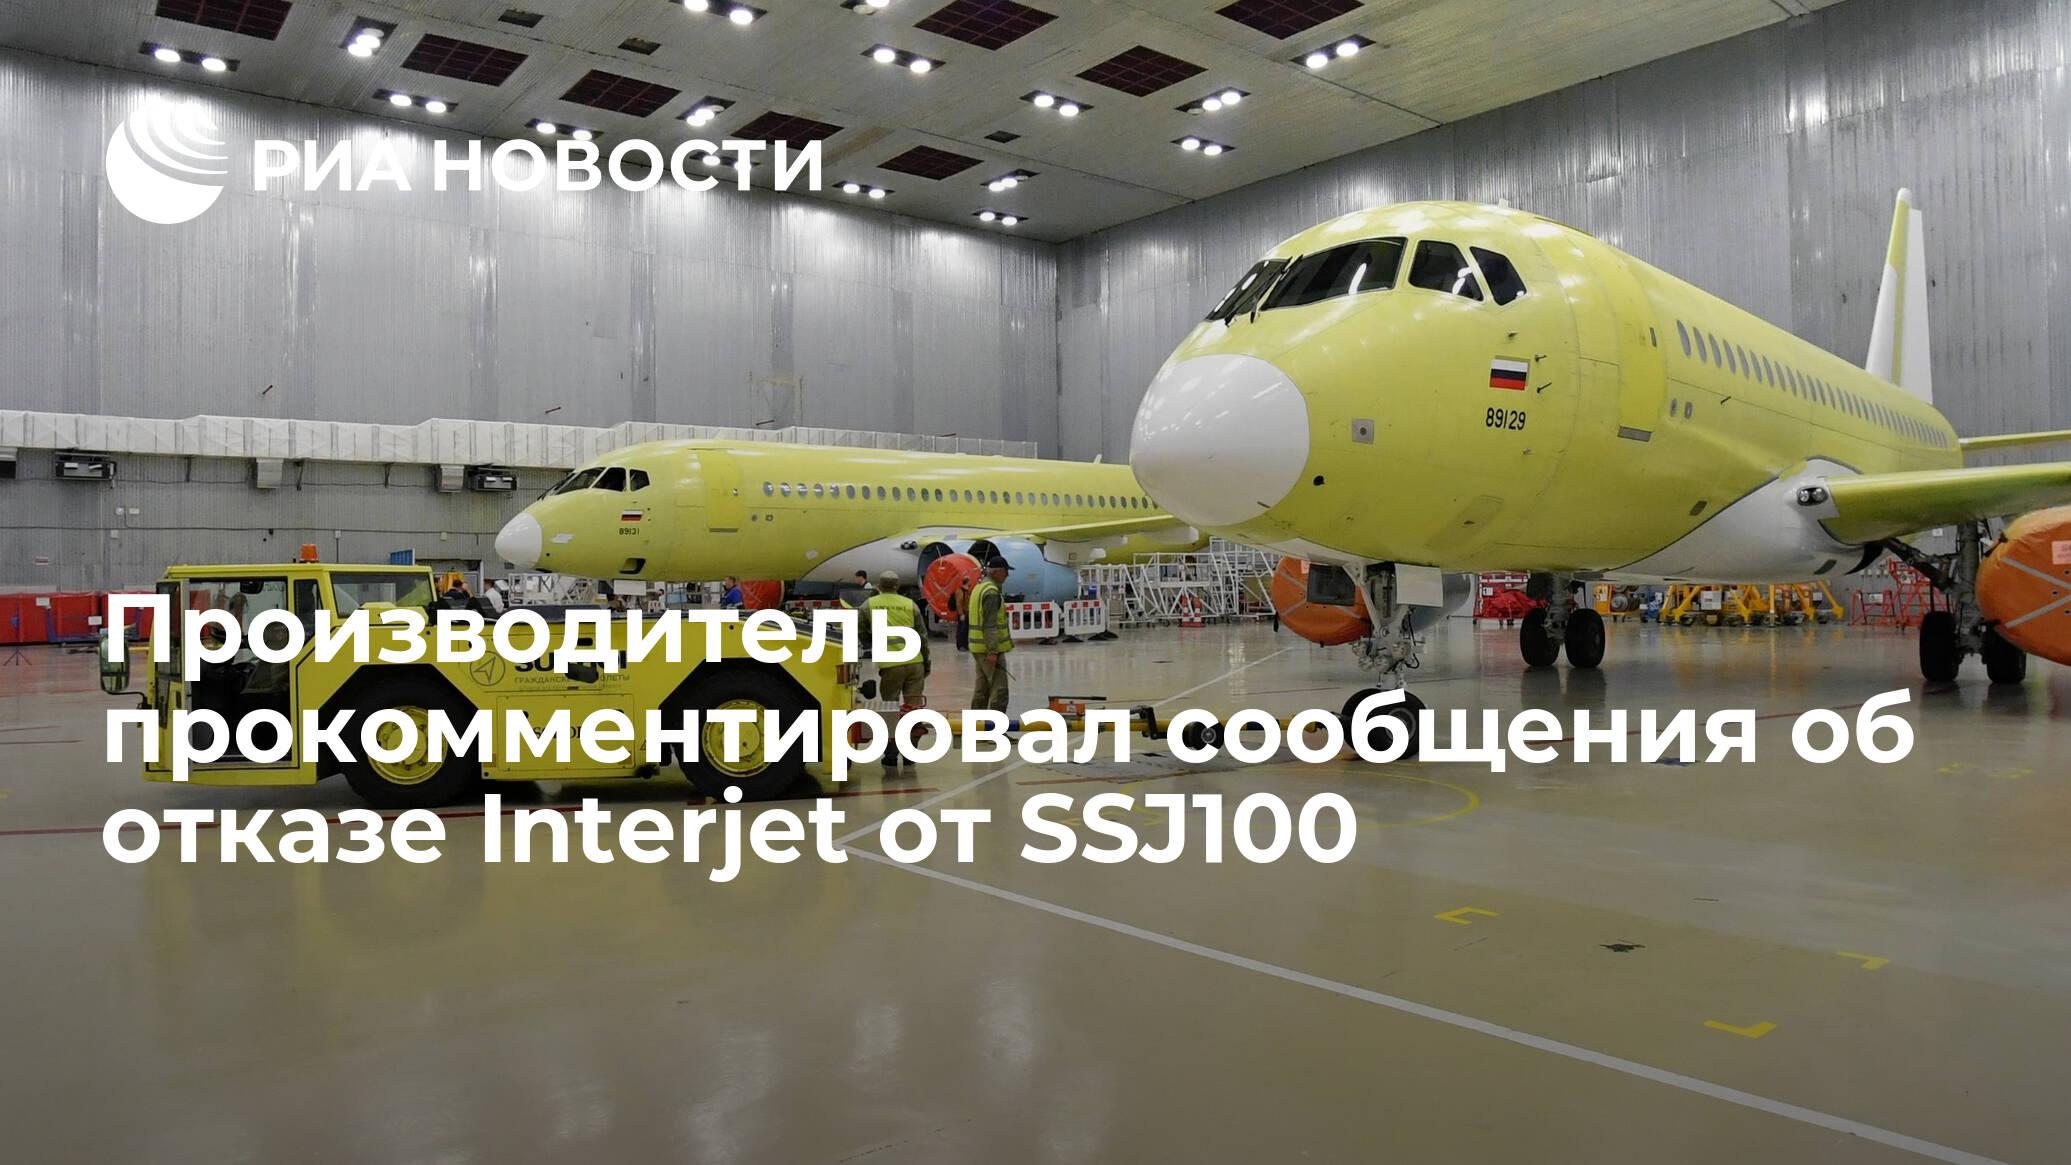 Производитель прокомментировал сообщения об отказе Interjet ...